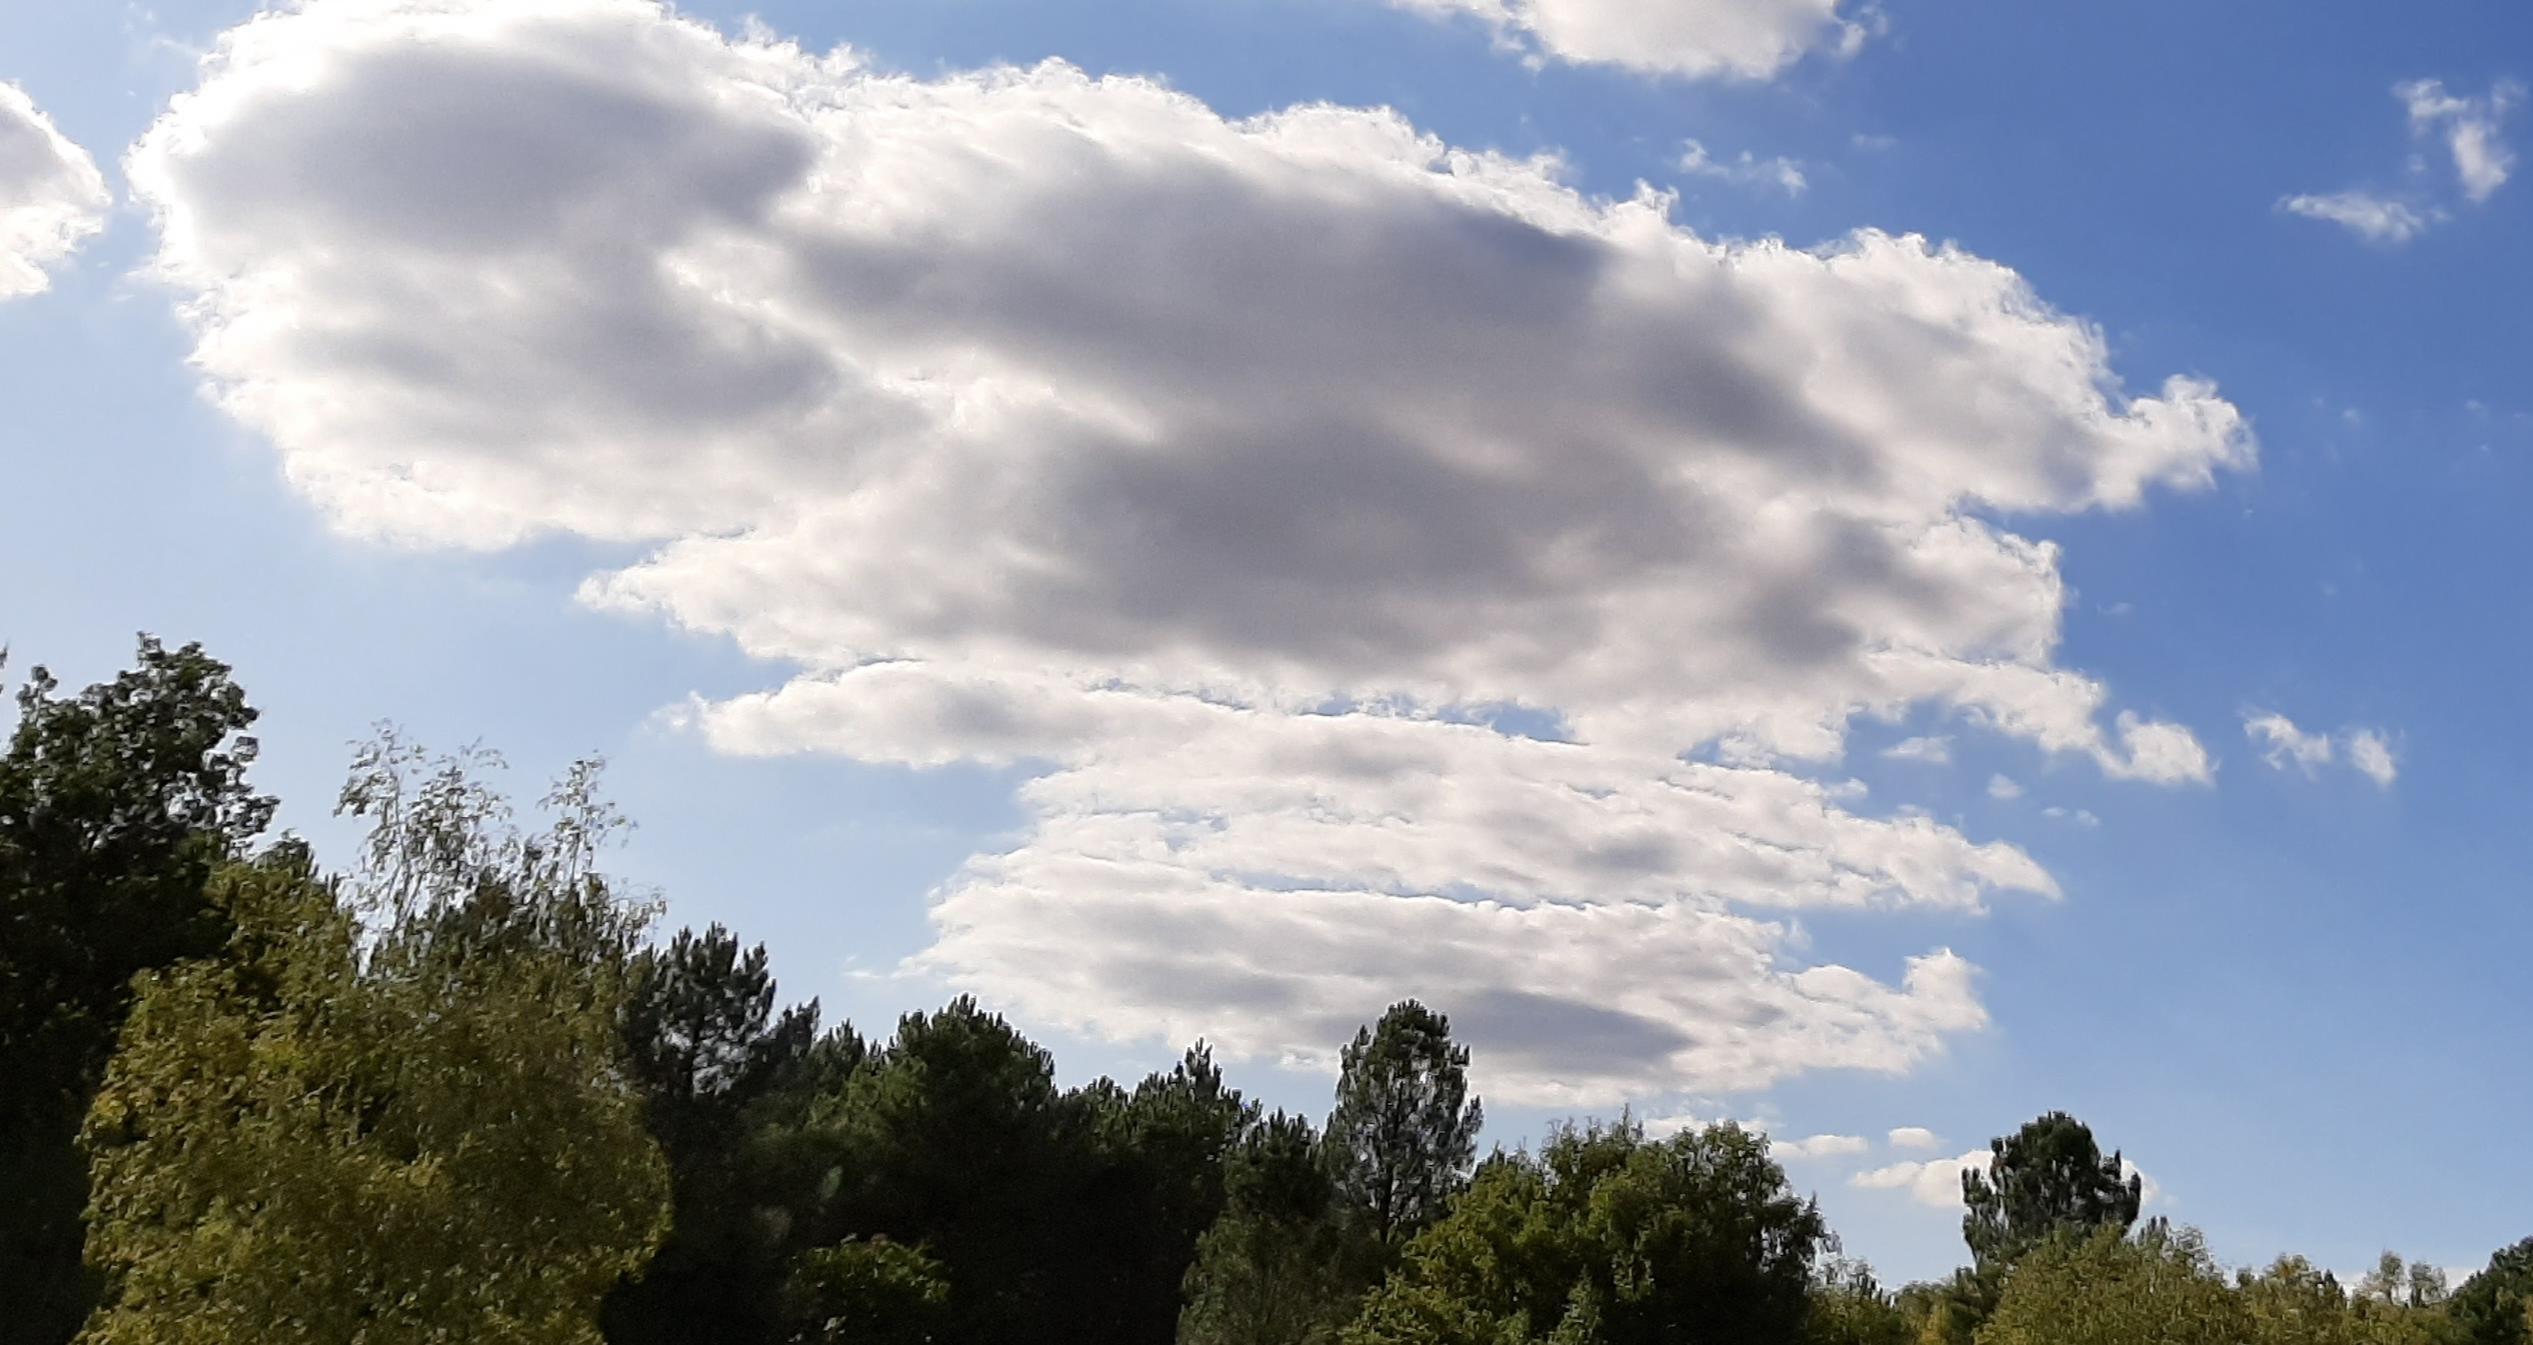 Pas de photo de groupe au départ, à force bavarder j'ai zappé, en remplacement la photo du ciel pendant cette sortie